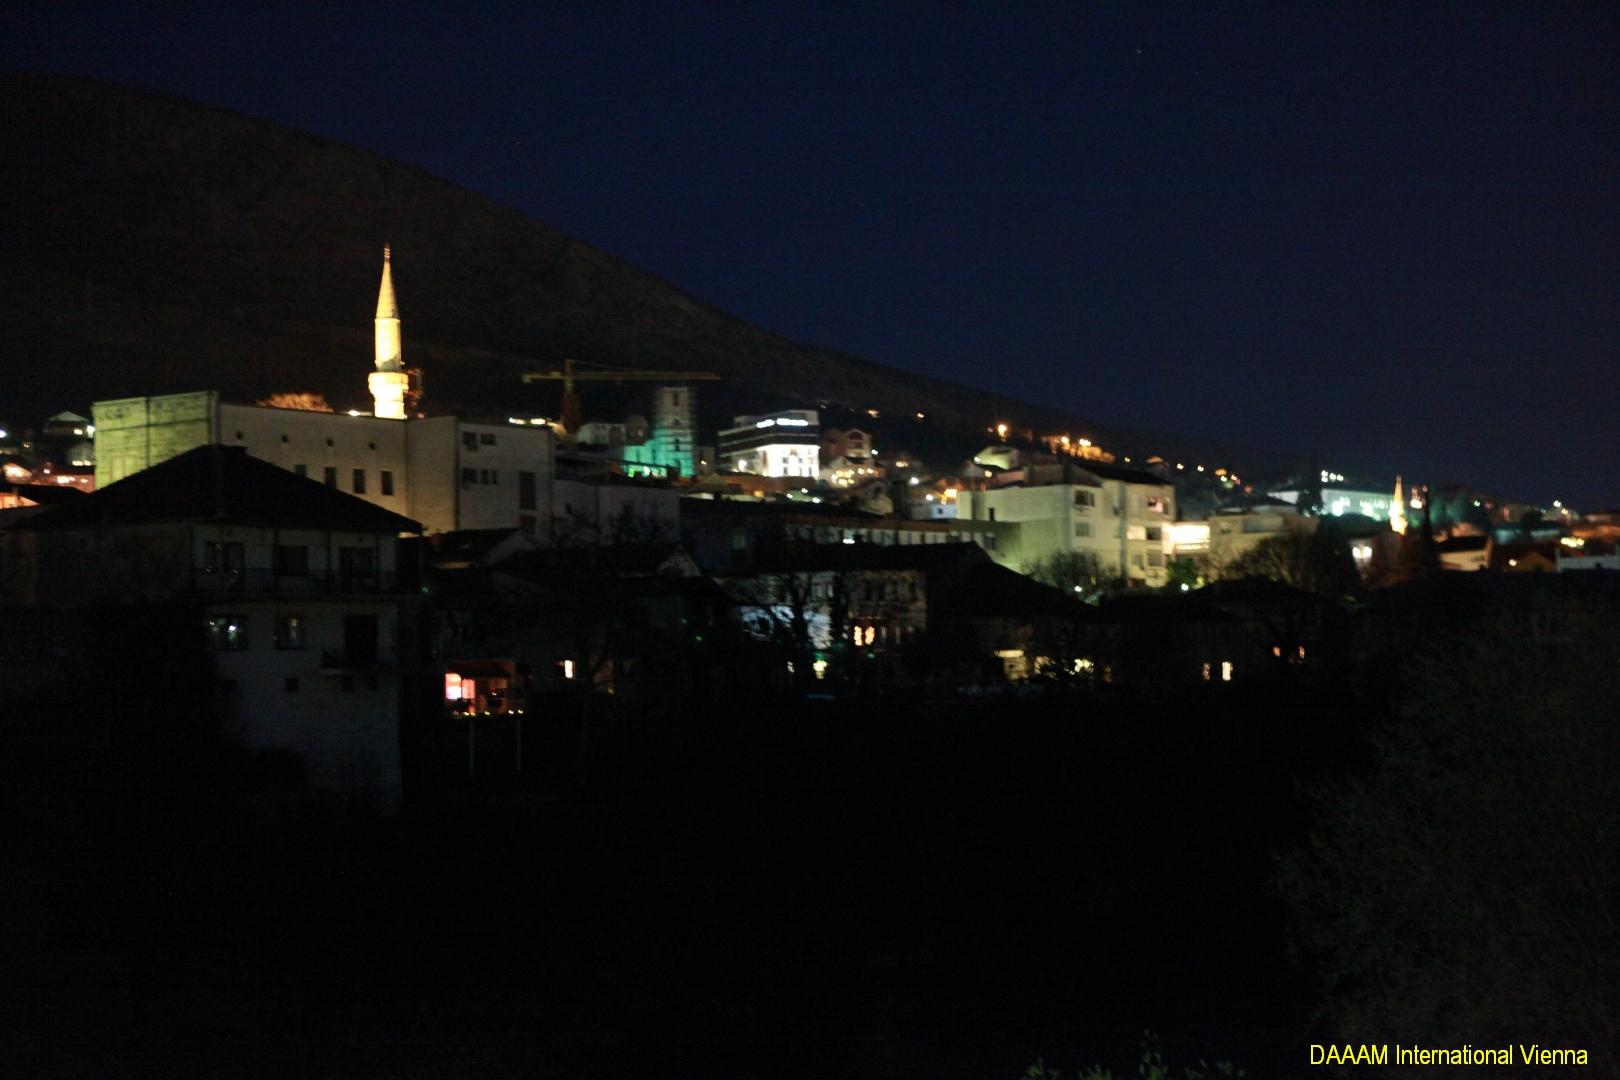 DAAAM_2016_Mostar_01_Magic_City_of_Mostar_174